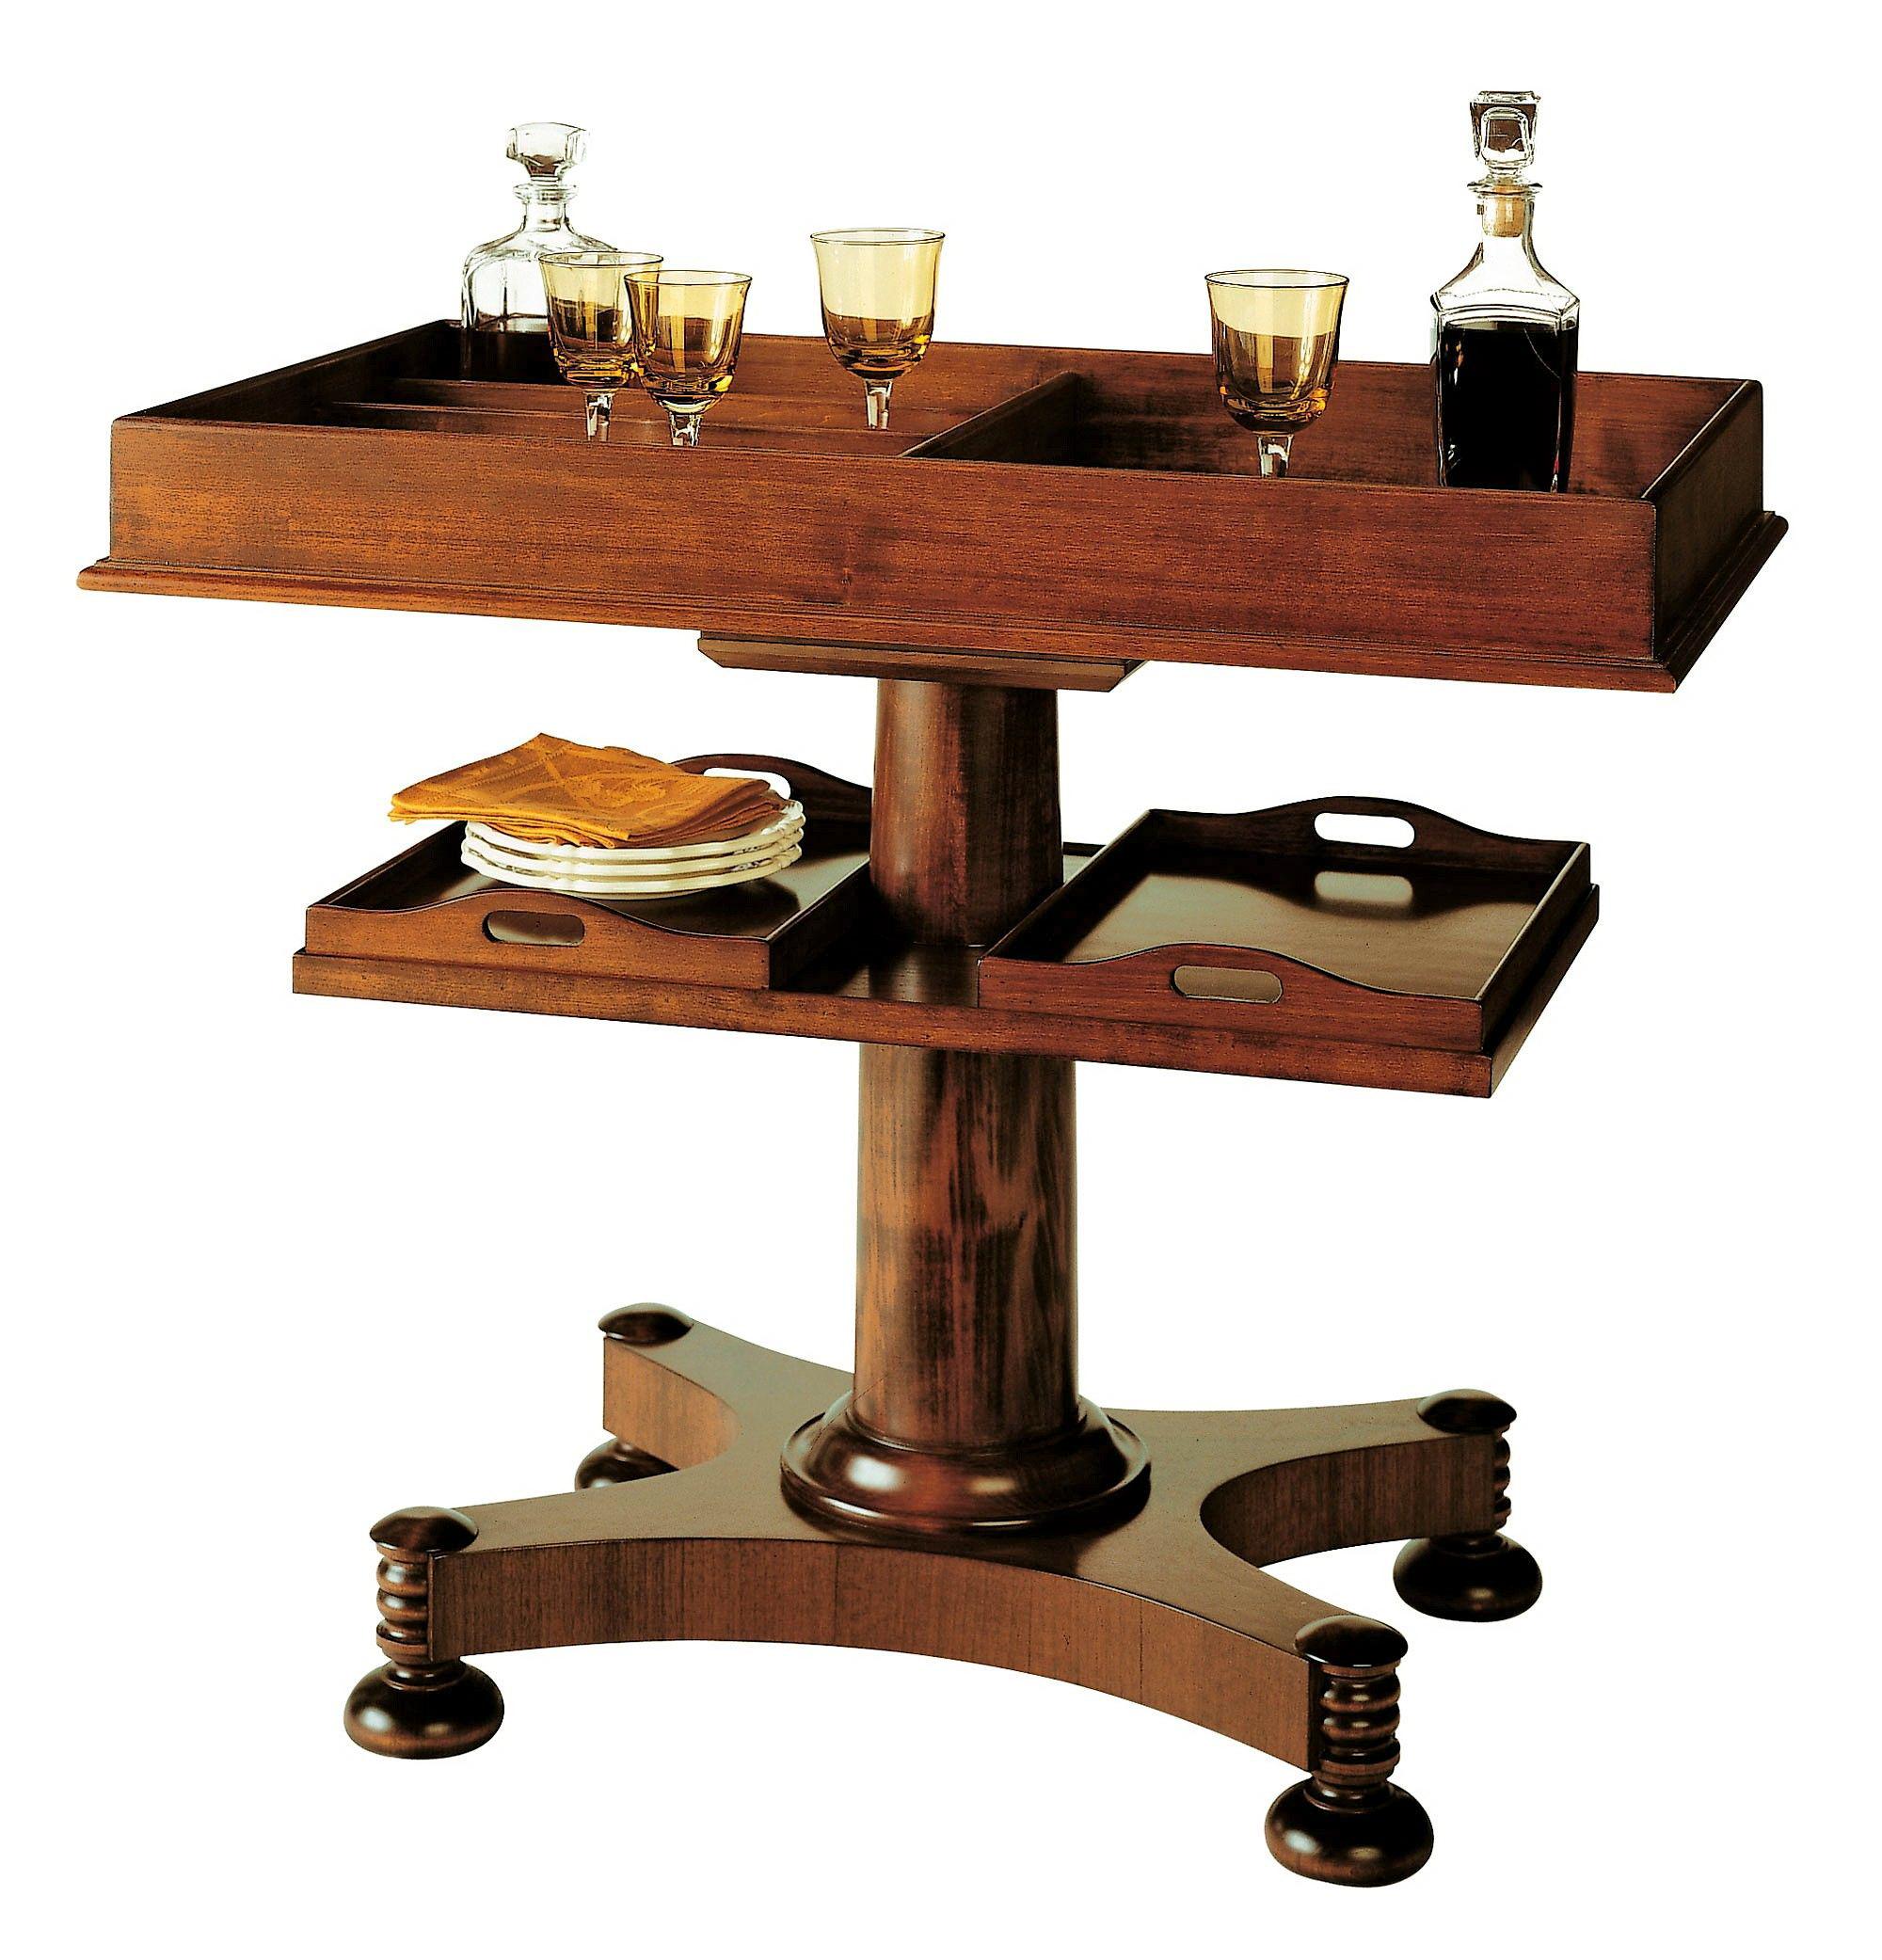 Mesas camarera by artesmoble muebles anto n for Muebles en leon baratos